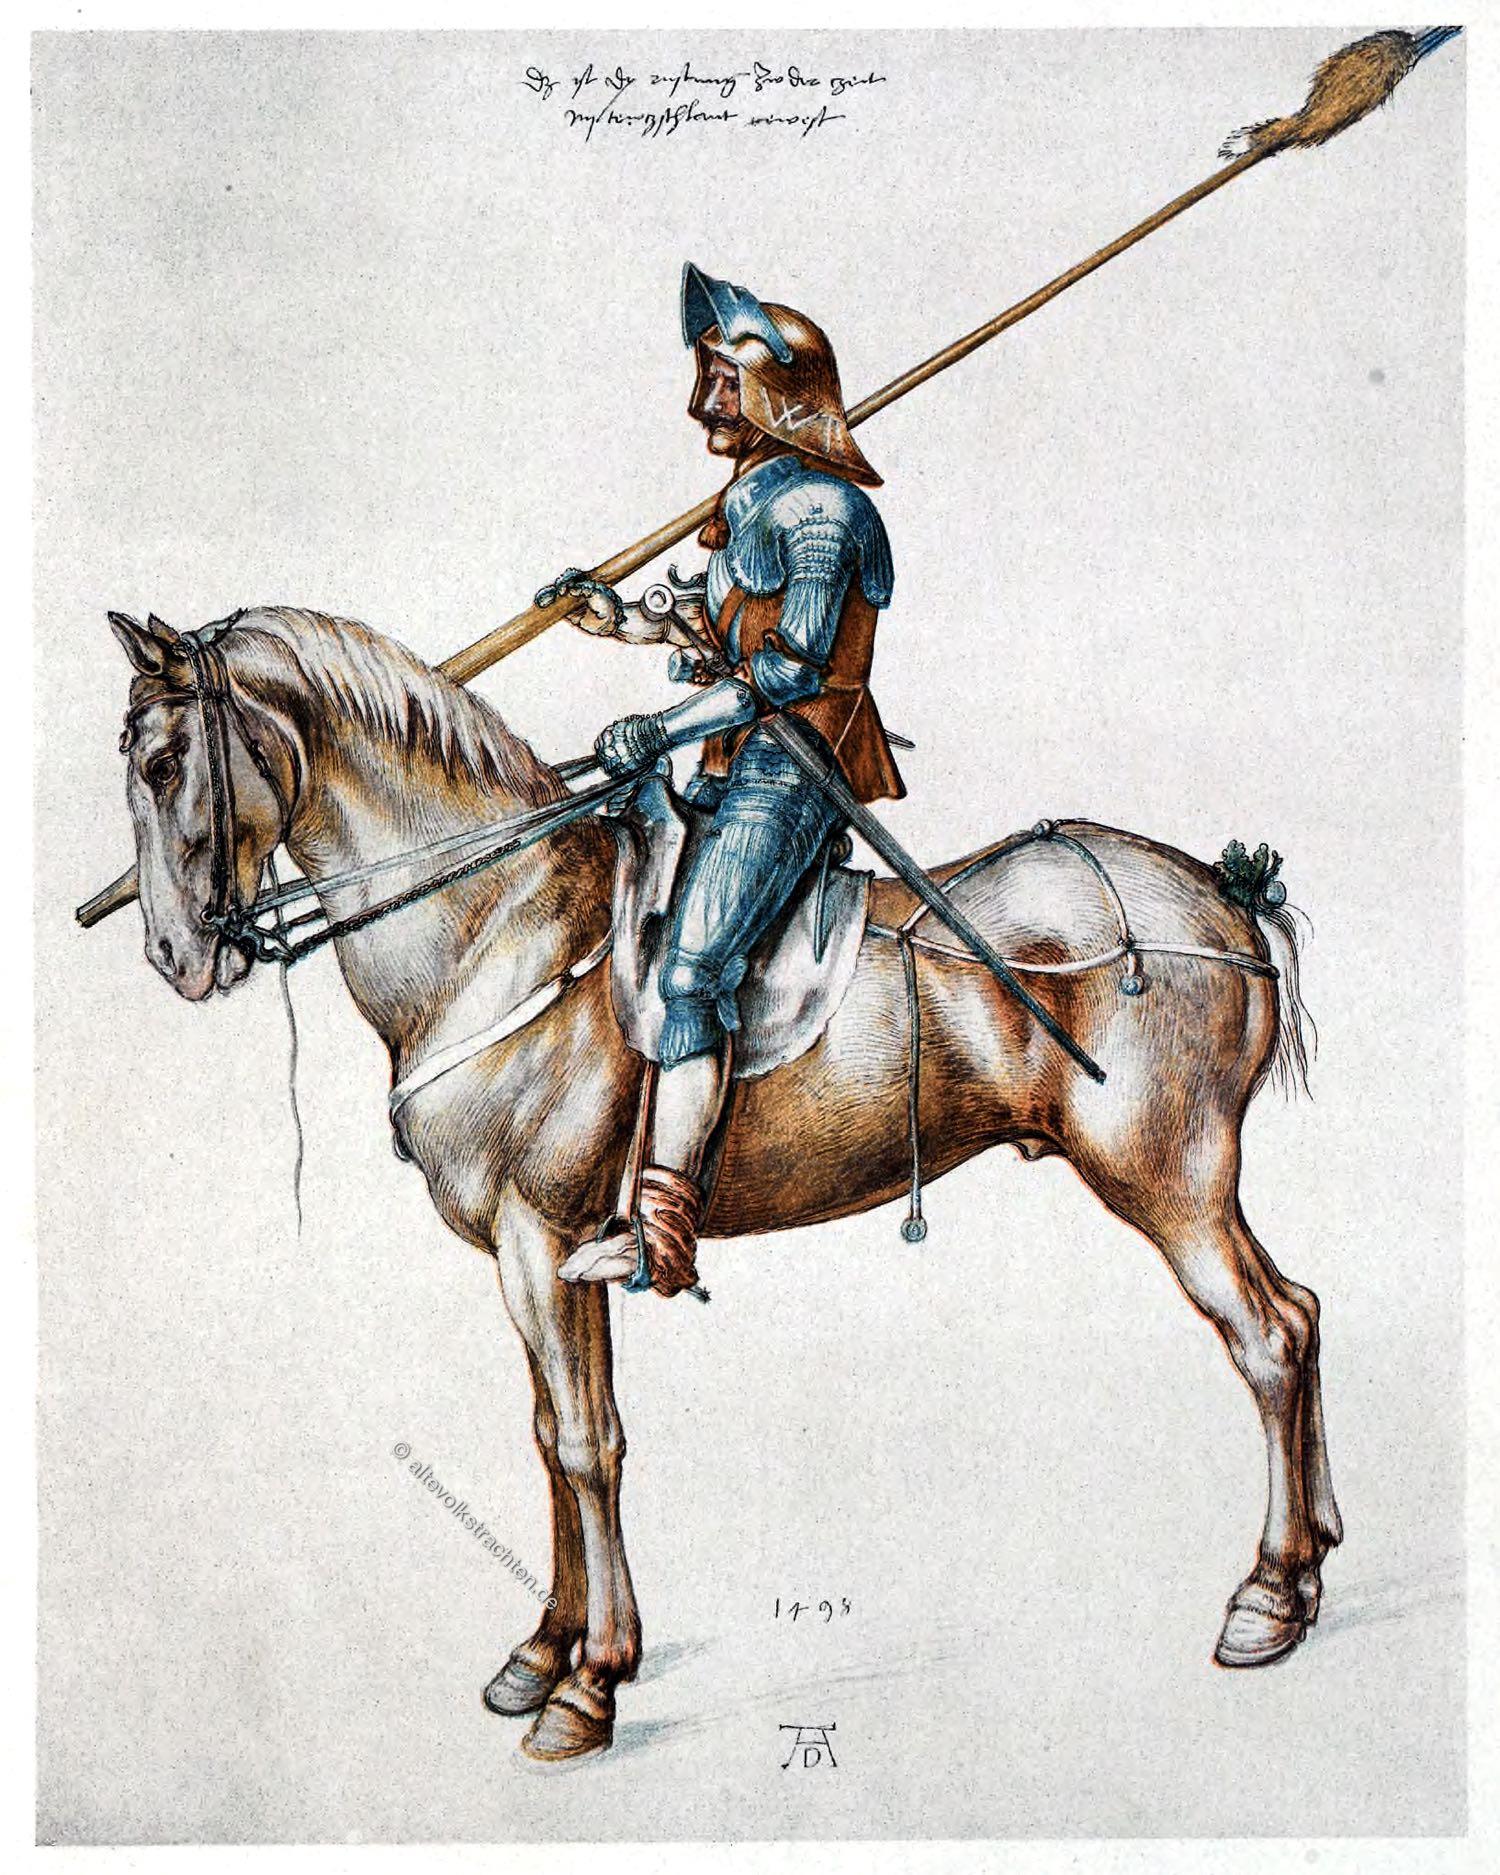 Albrecht Dürer, Rüstung , Ritter, Reiter, Renaissance